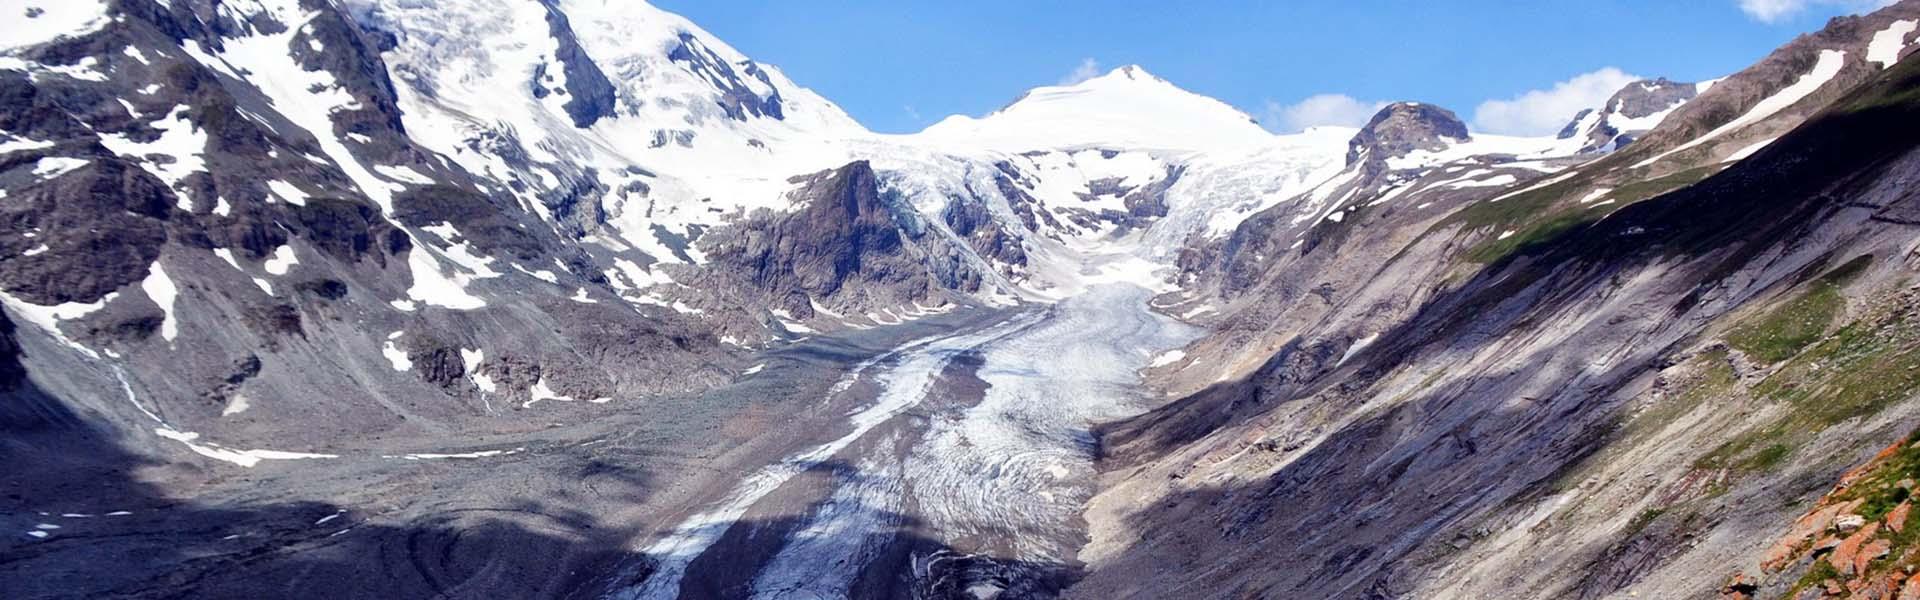 Mi az a gleccser?